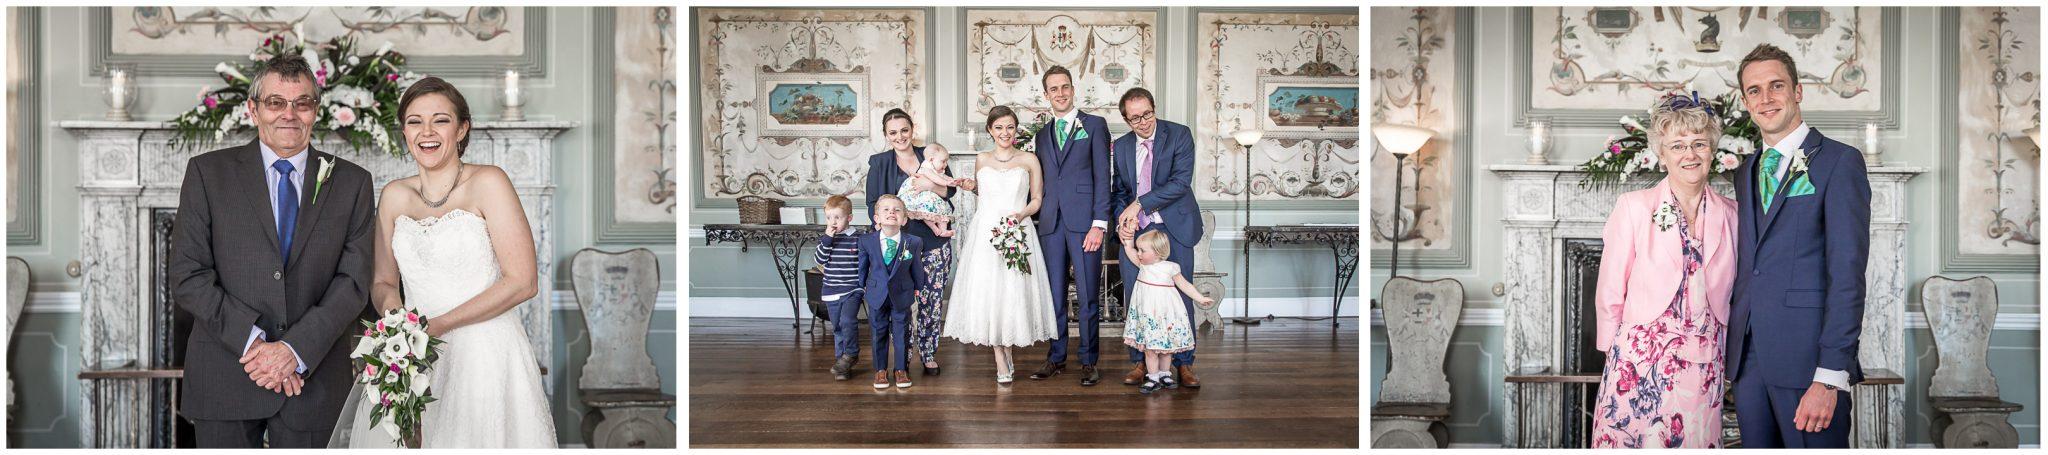 Avington Park wedding photography family photos taken in hall